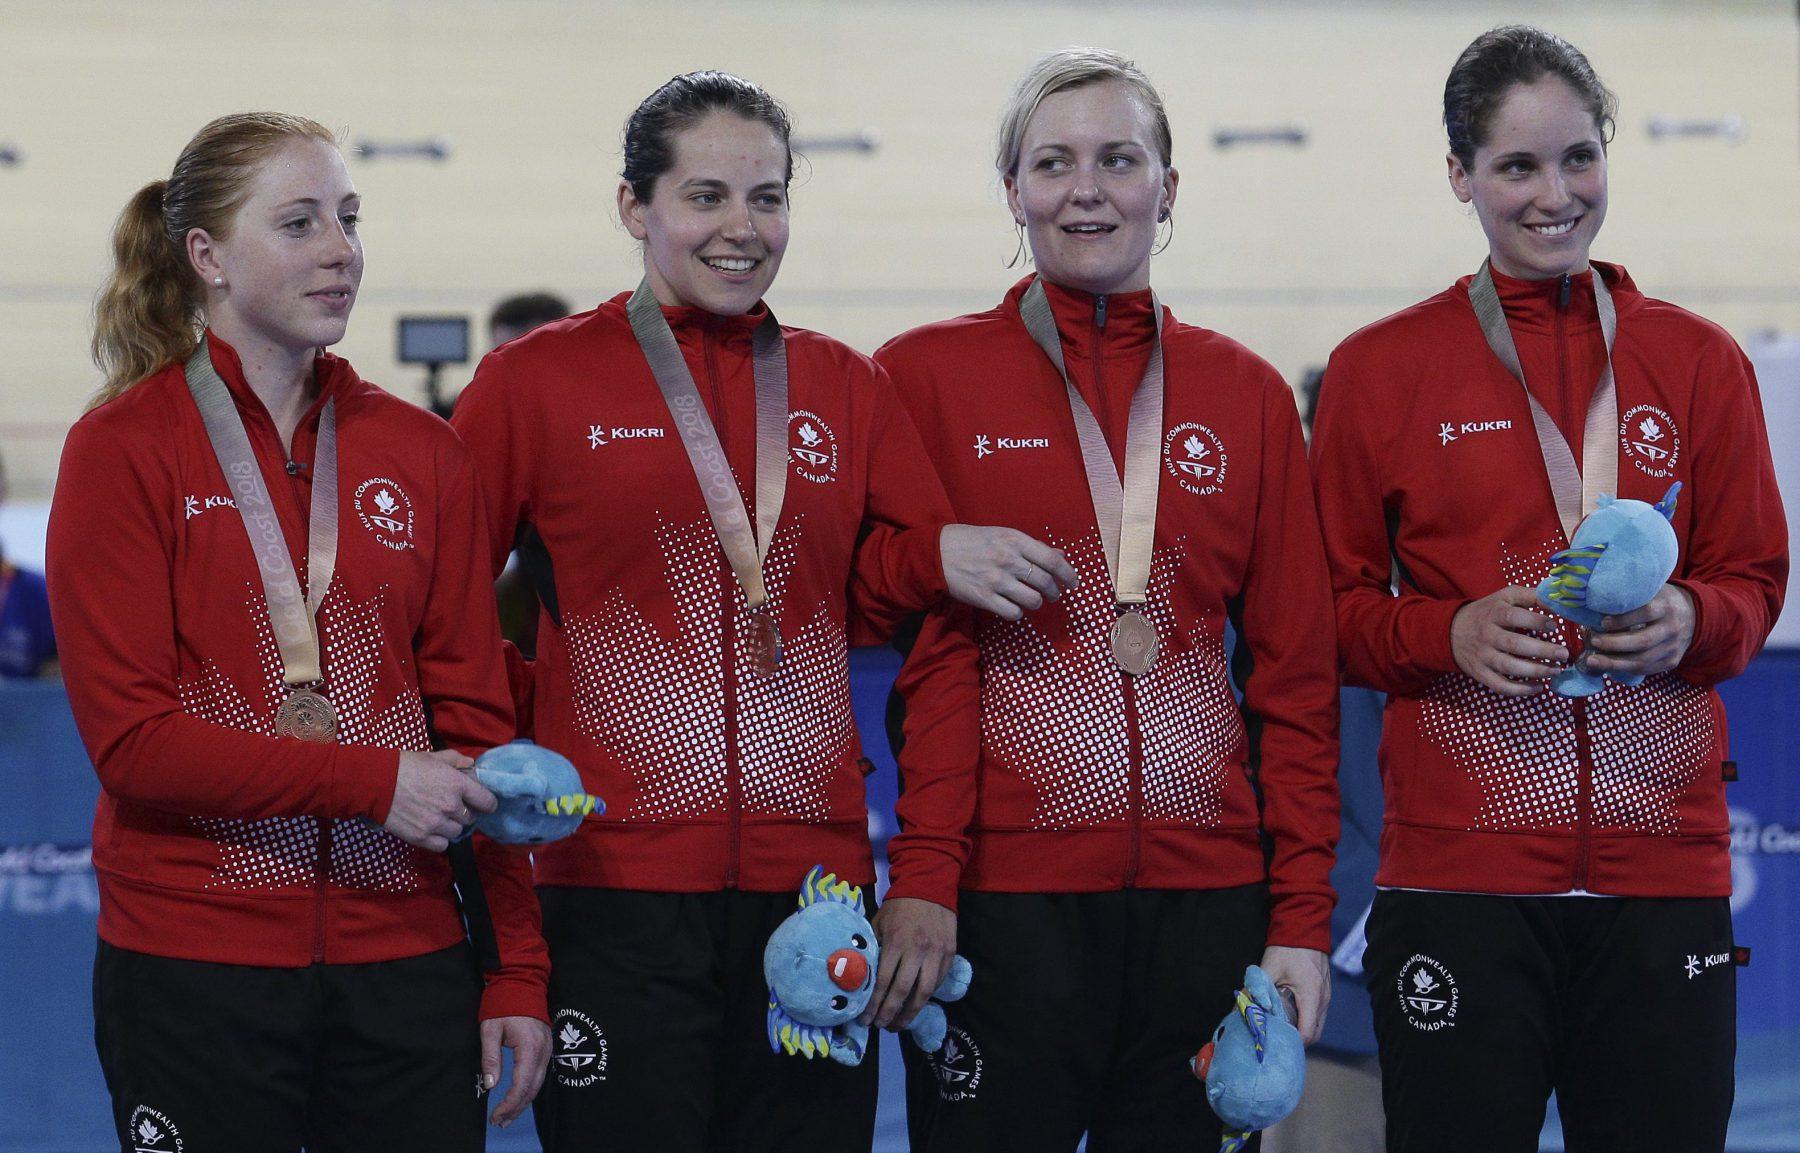 Allison Beveridge, Ariane Bonhomme, Stephanie Roorda et Annie Foreman-Mackey d'Équipe Canada avec leur médaille de bronze en poursuite par équipes aux Jeux du Commonwealth, le 5 avril 2018. (AP Photo/Tertius Pickard)